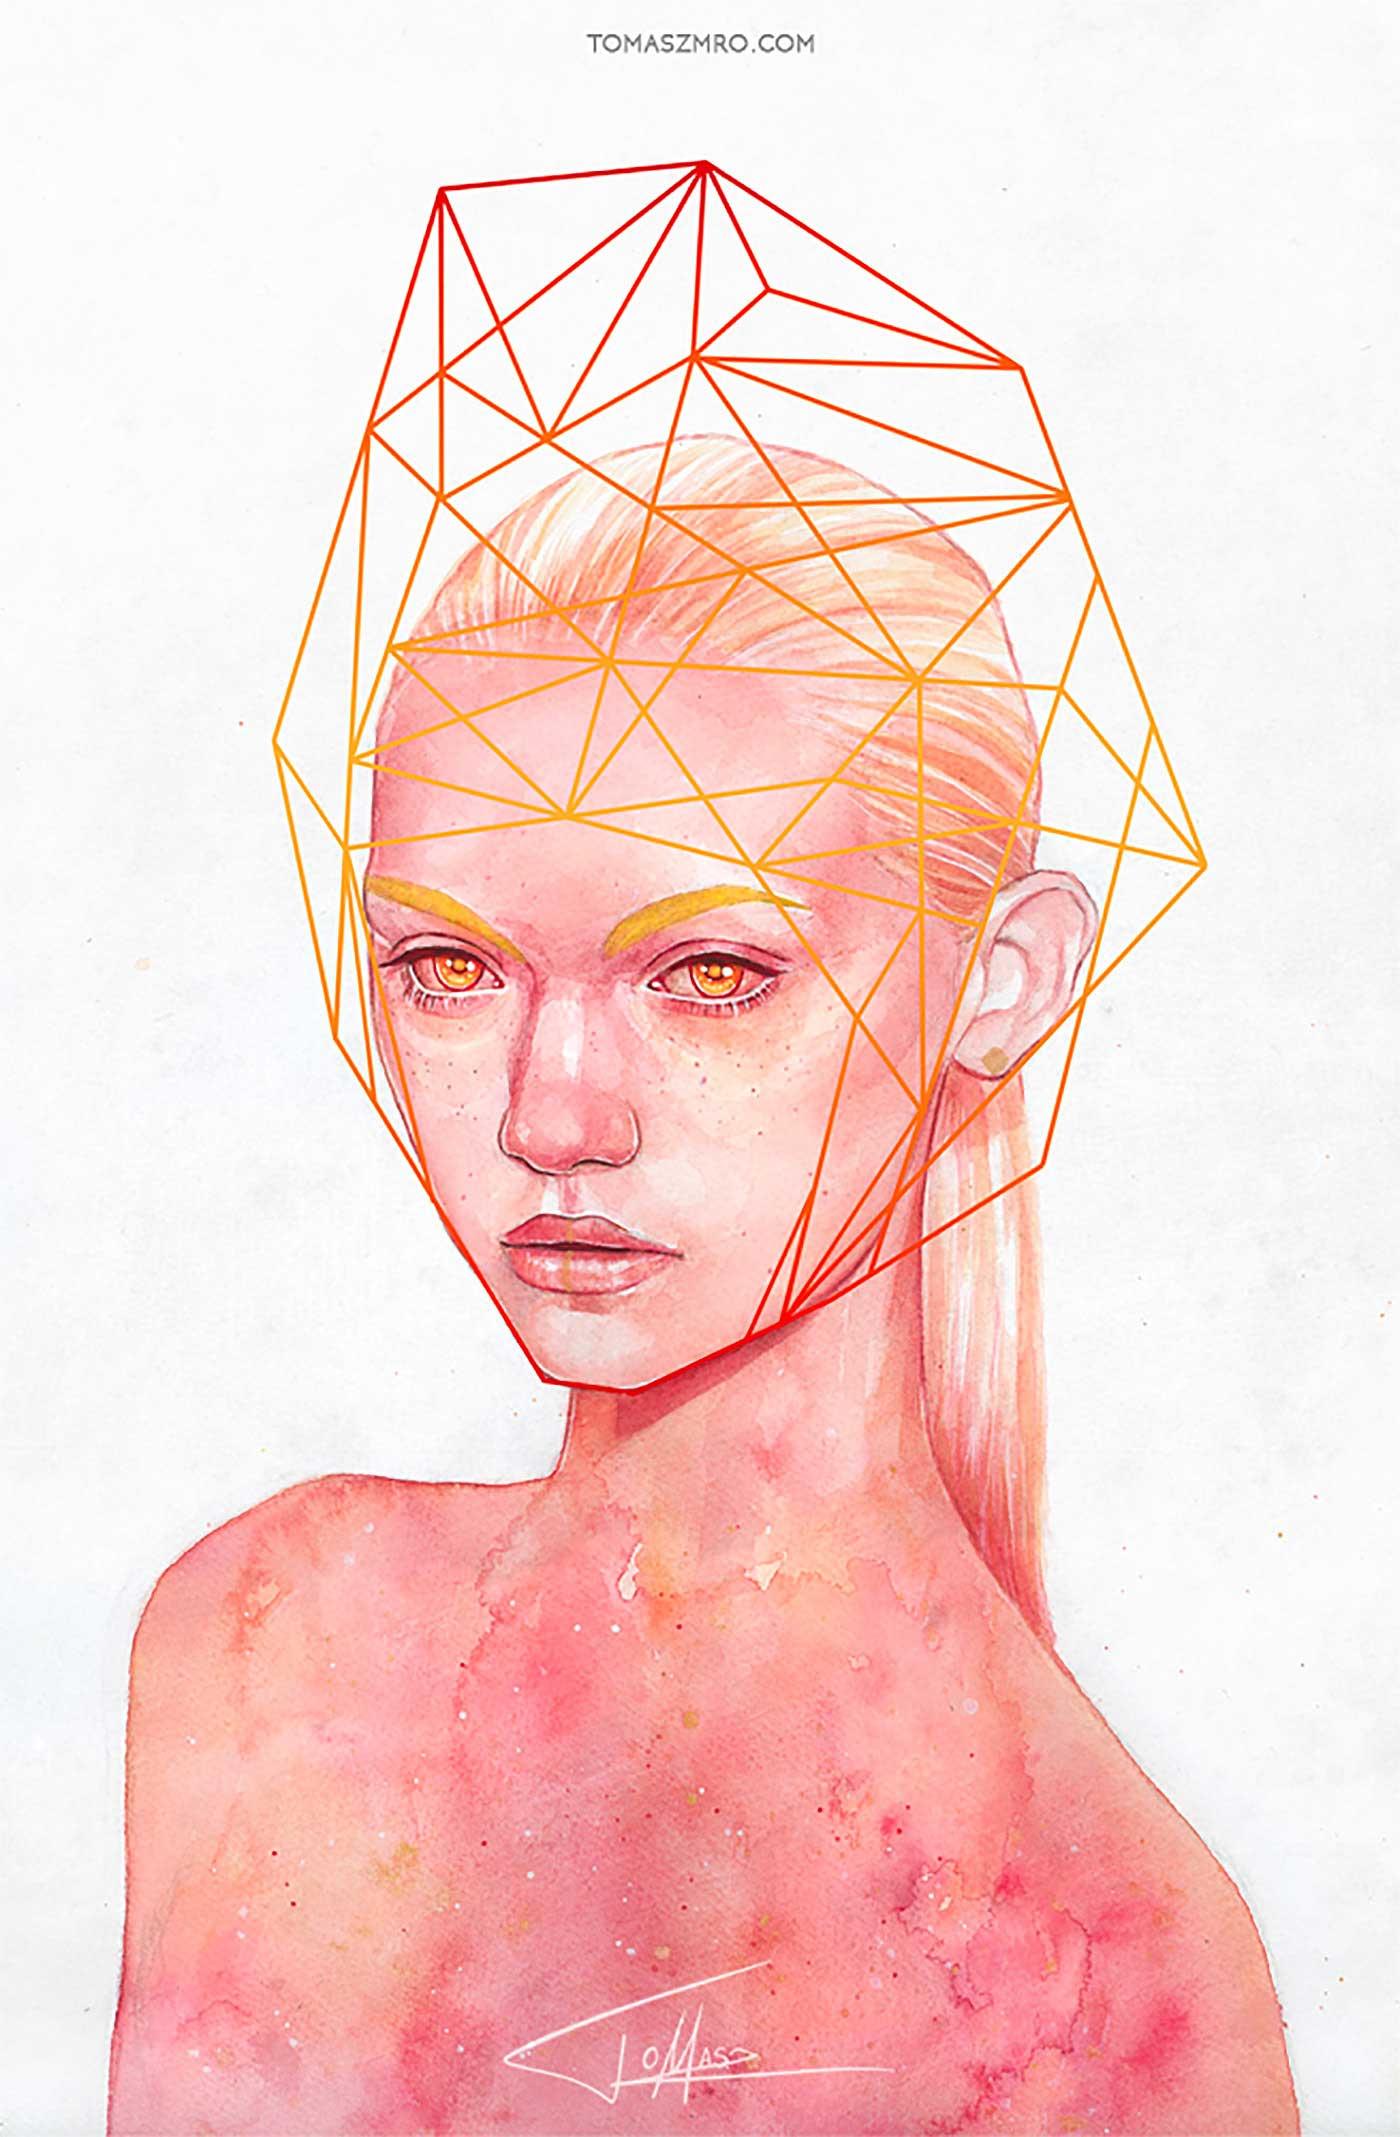 Zeichnungen: Tomasz Mro Thomasz-Mro_07